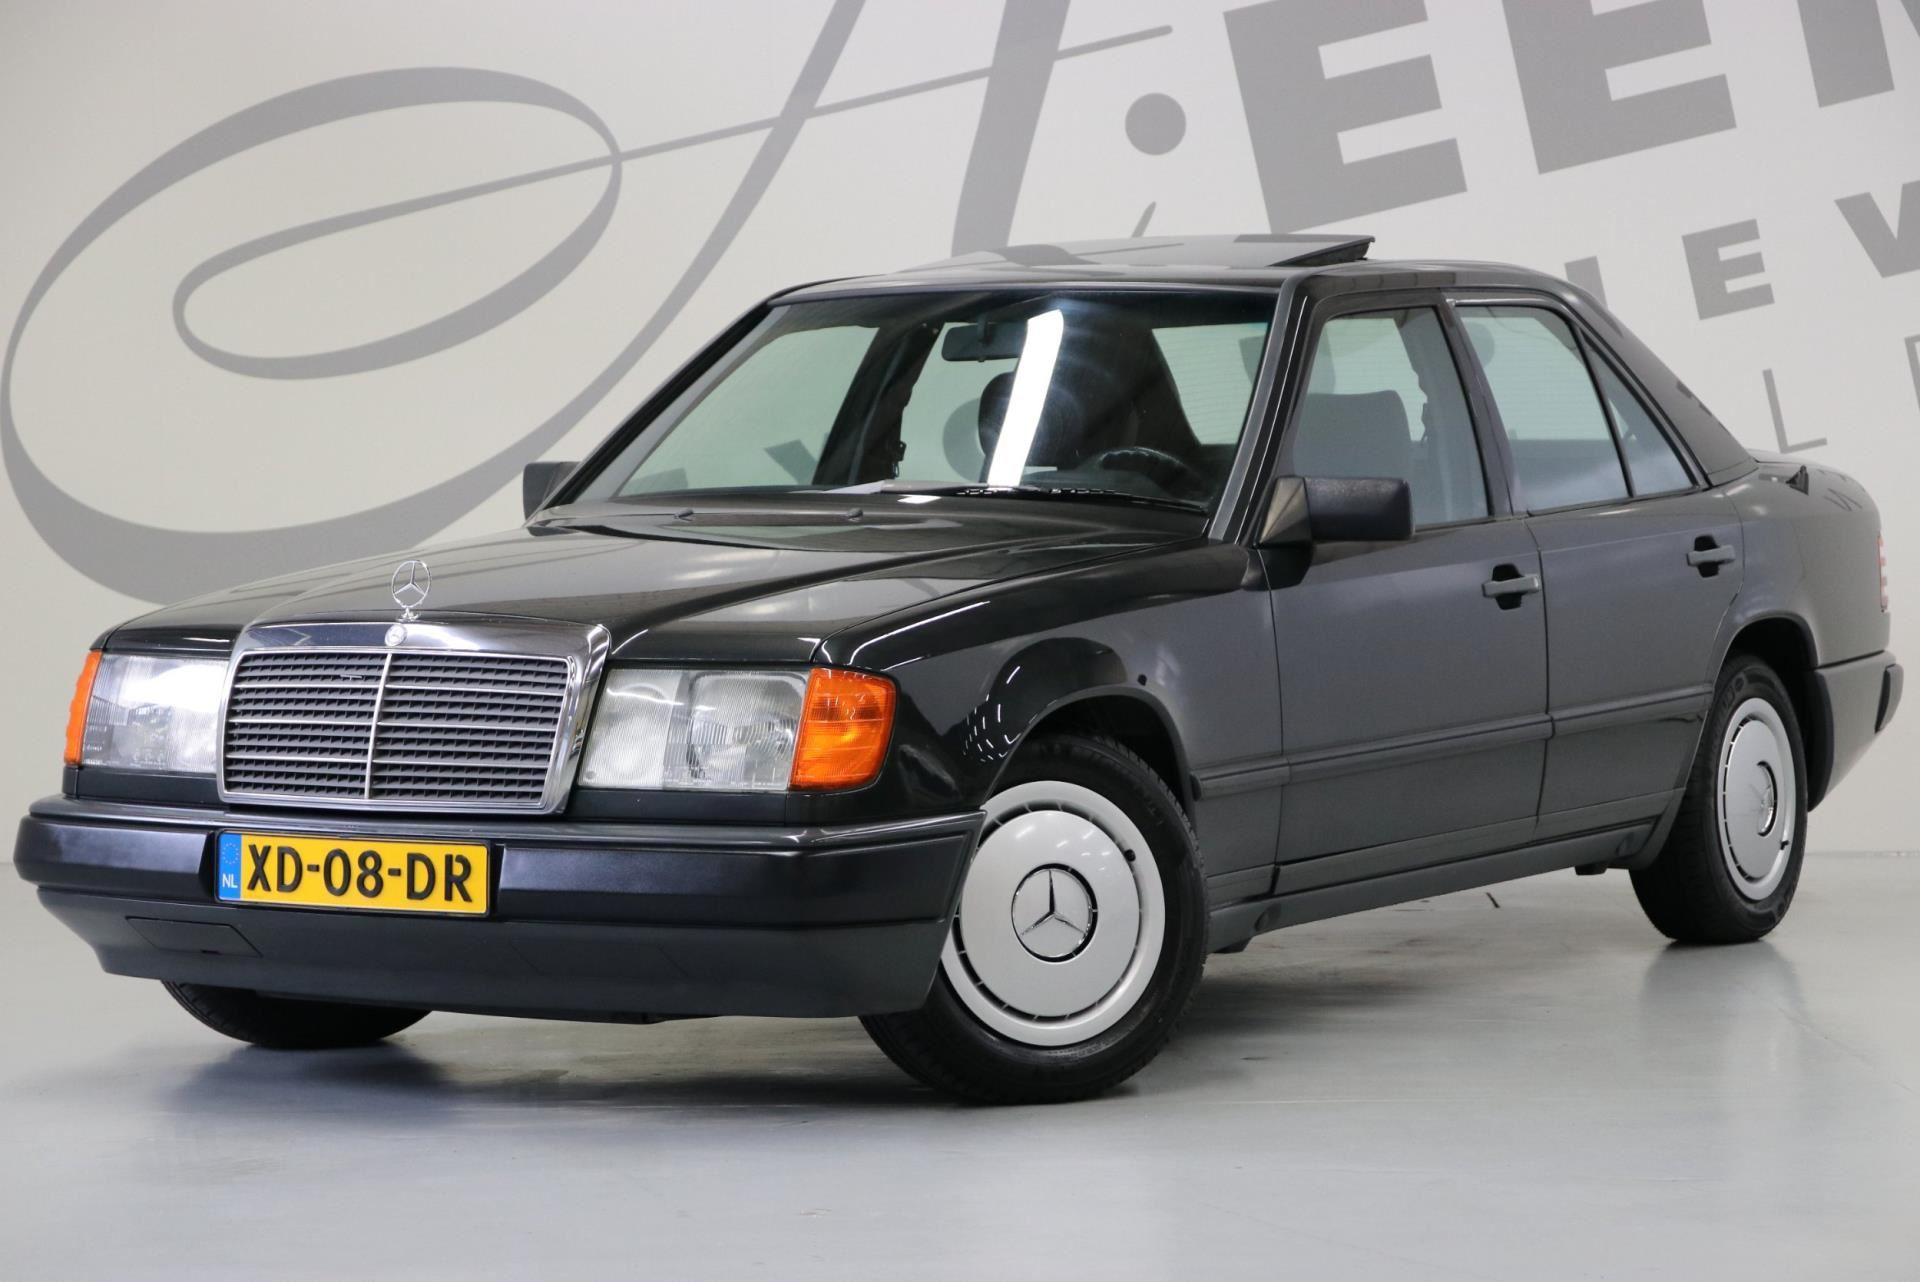 Mercedes-Benz 200-500 W124 occasion - Aeen Exclusieve Automobielen